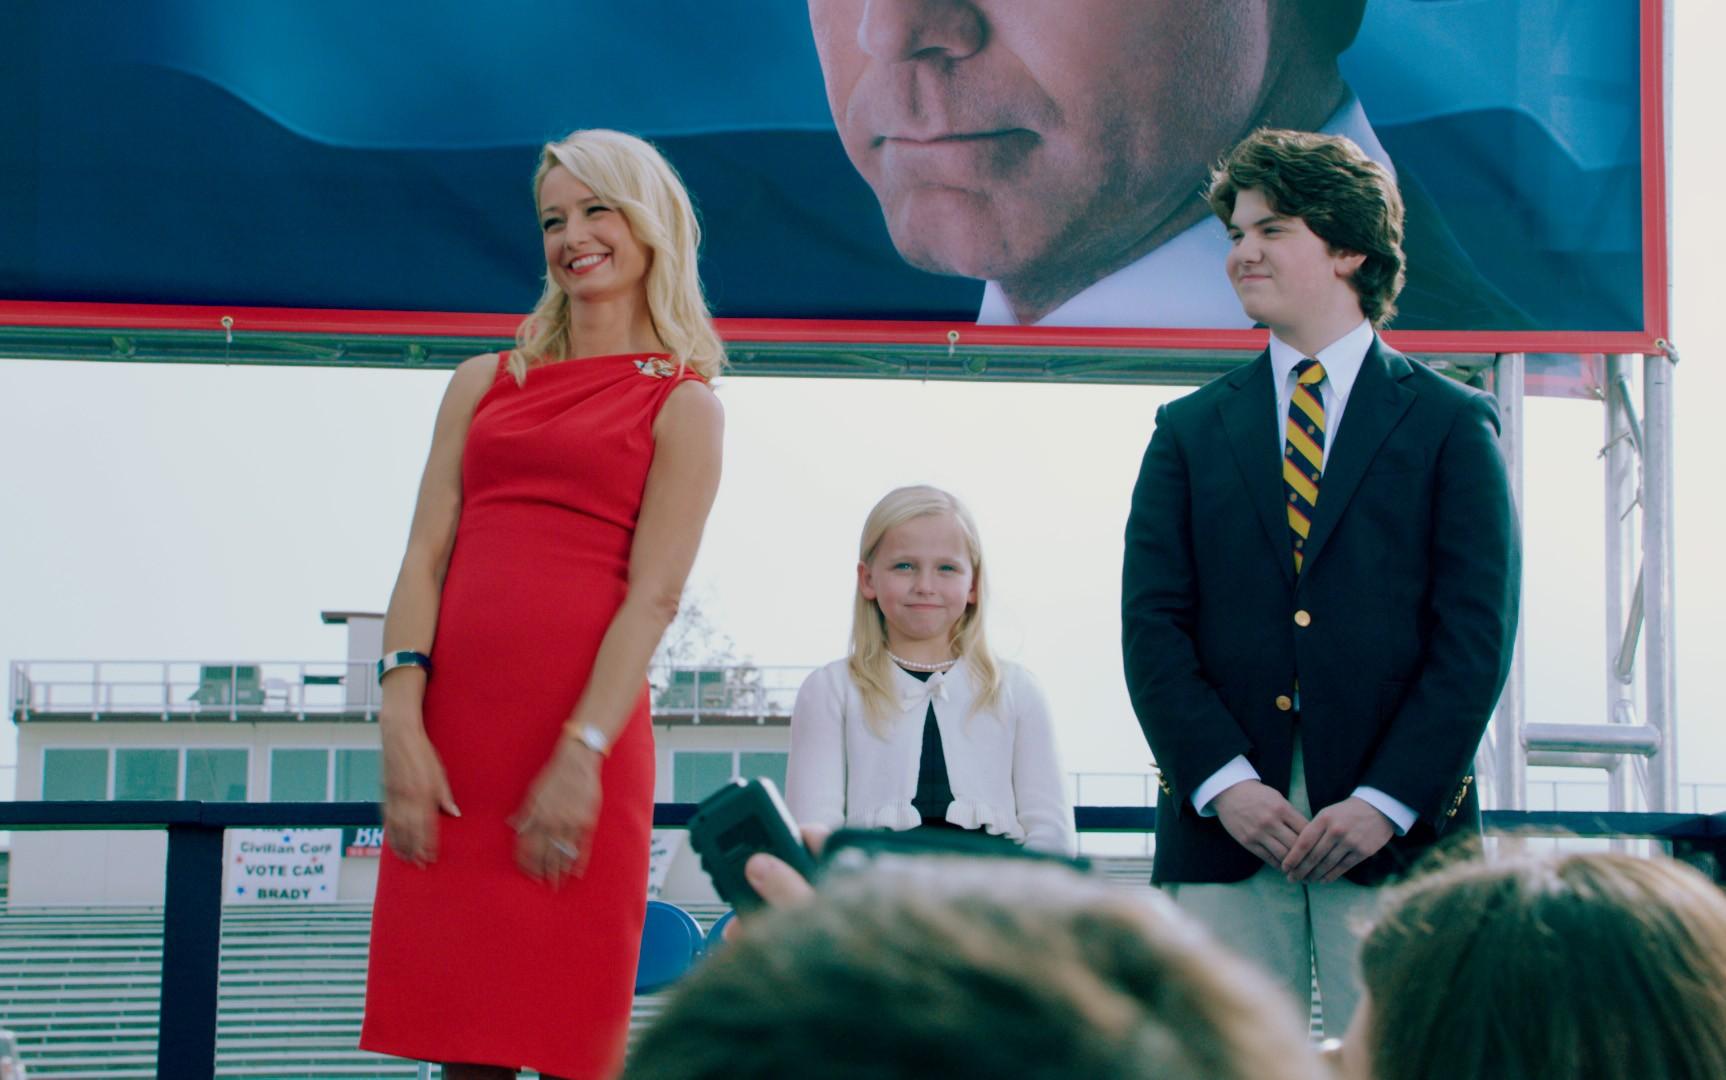 кадры из фильма Грязная кампания за честные выборы